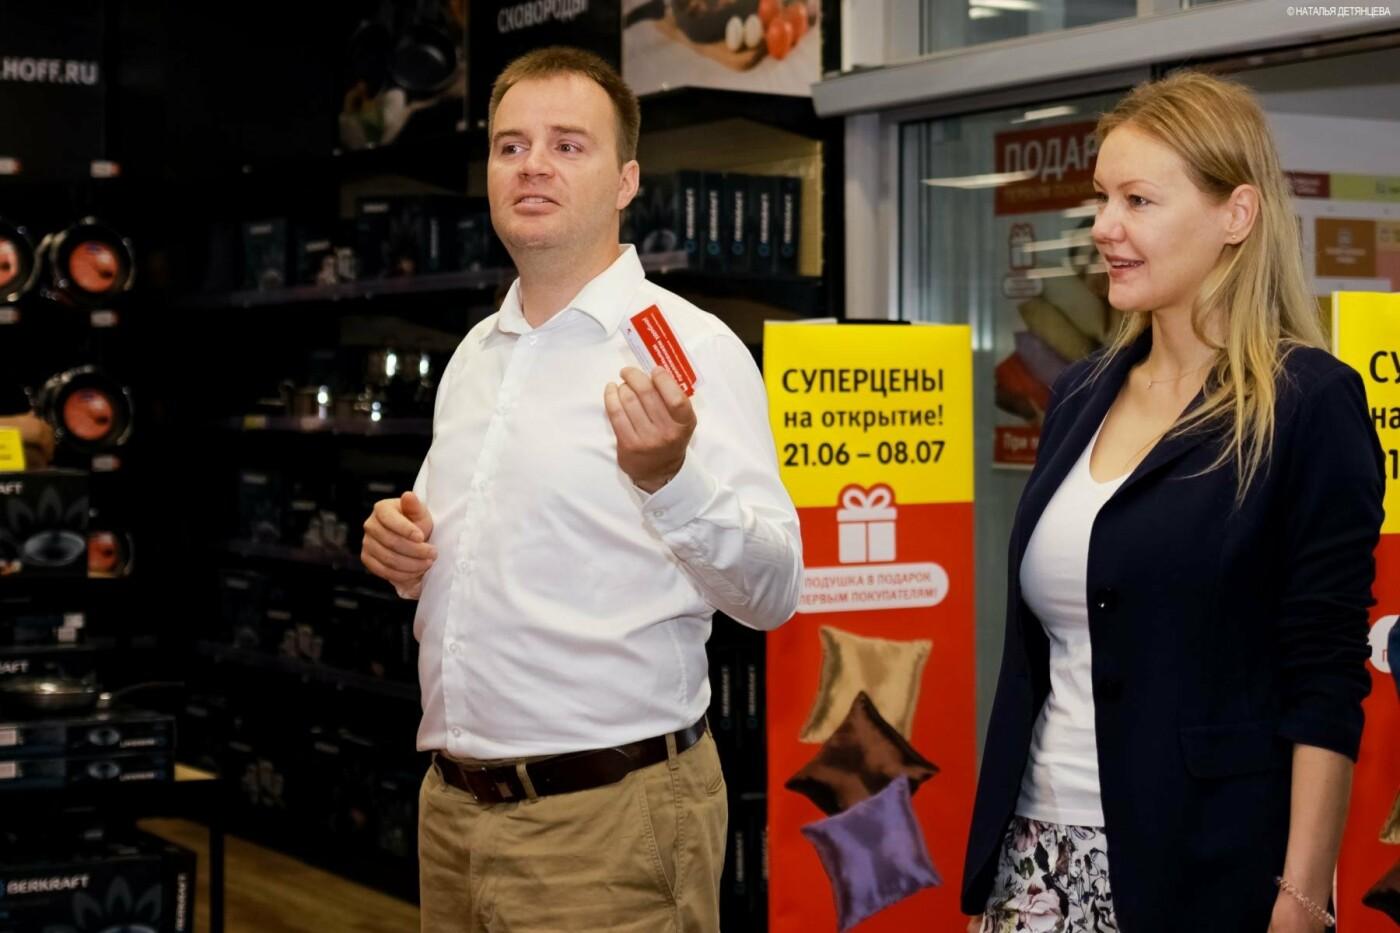 В Белгороде открылся гипермаркет Hoff. Что в нём особенного?, фото-5